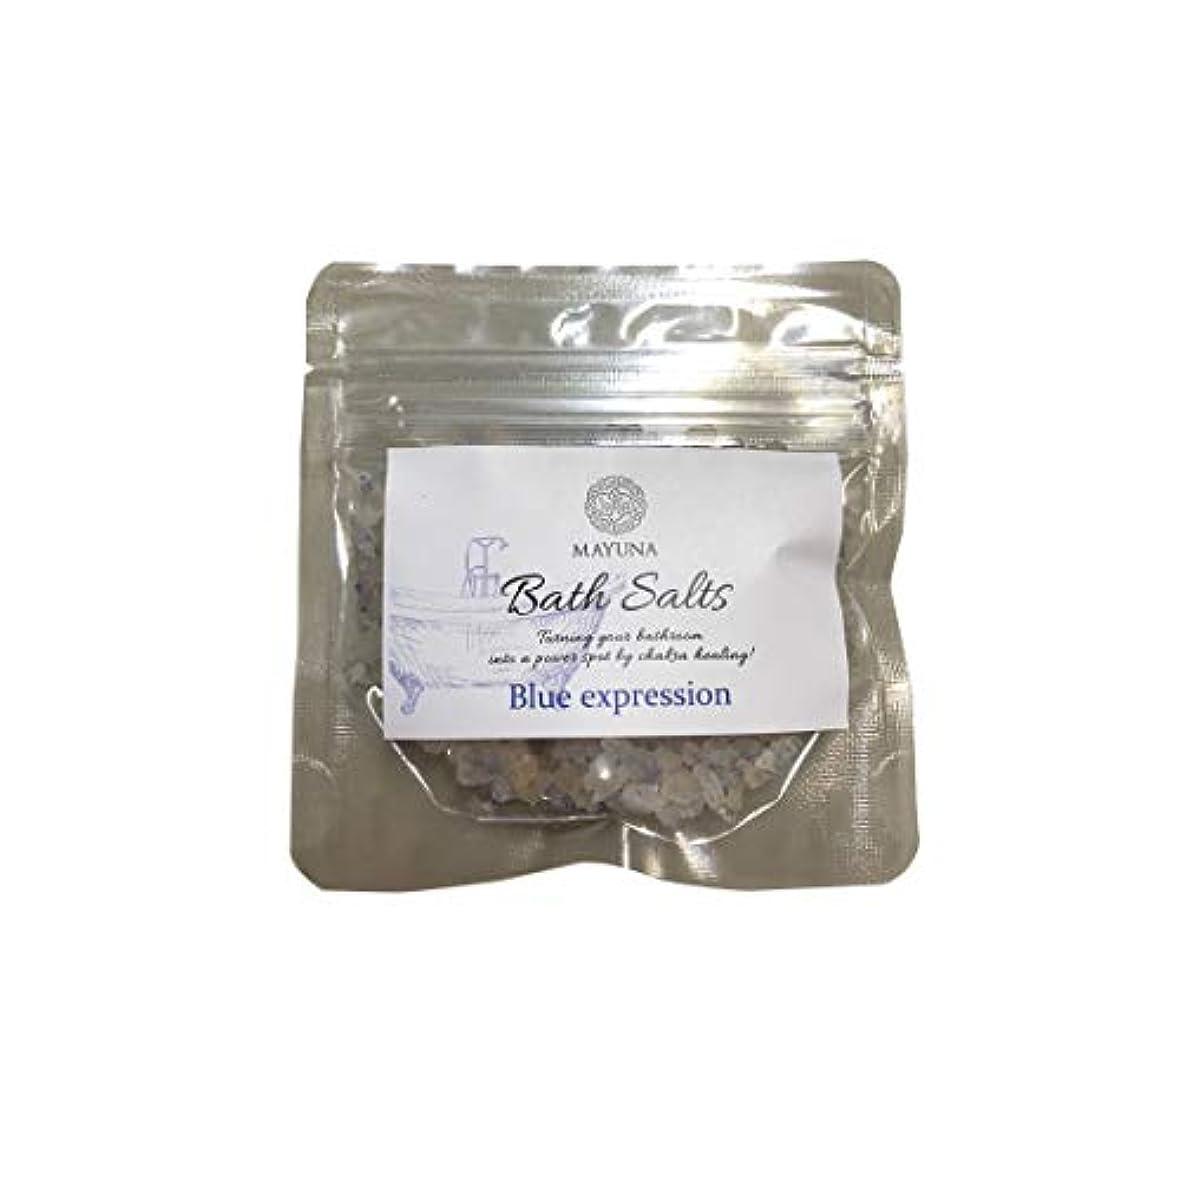 ブラウザ氷染色Mayuna Bath Salts マユナバスソルト クリスタルフォーチュン 50g (ブルーエクスプレッション)